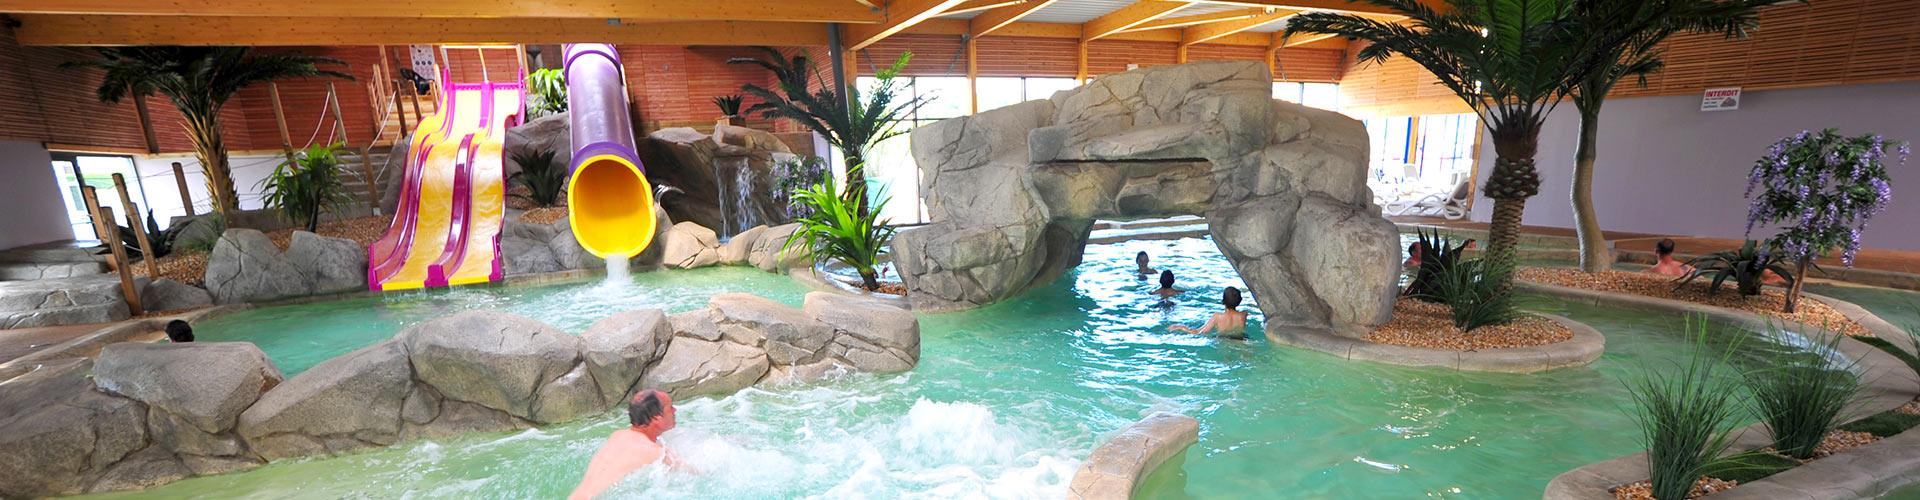 Le croisic campsite l oc an le croisic camping in loire for Camping loire atlantique avec piscine